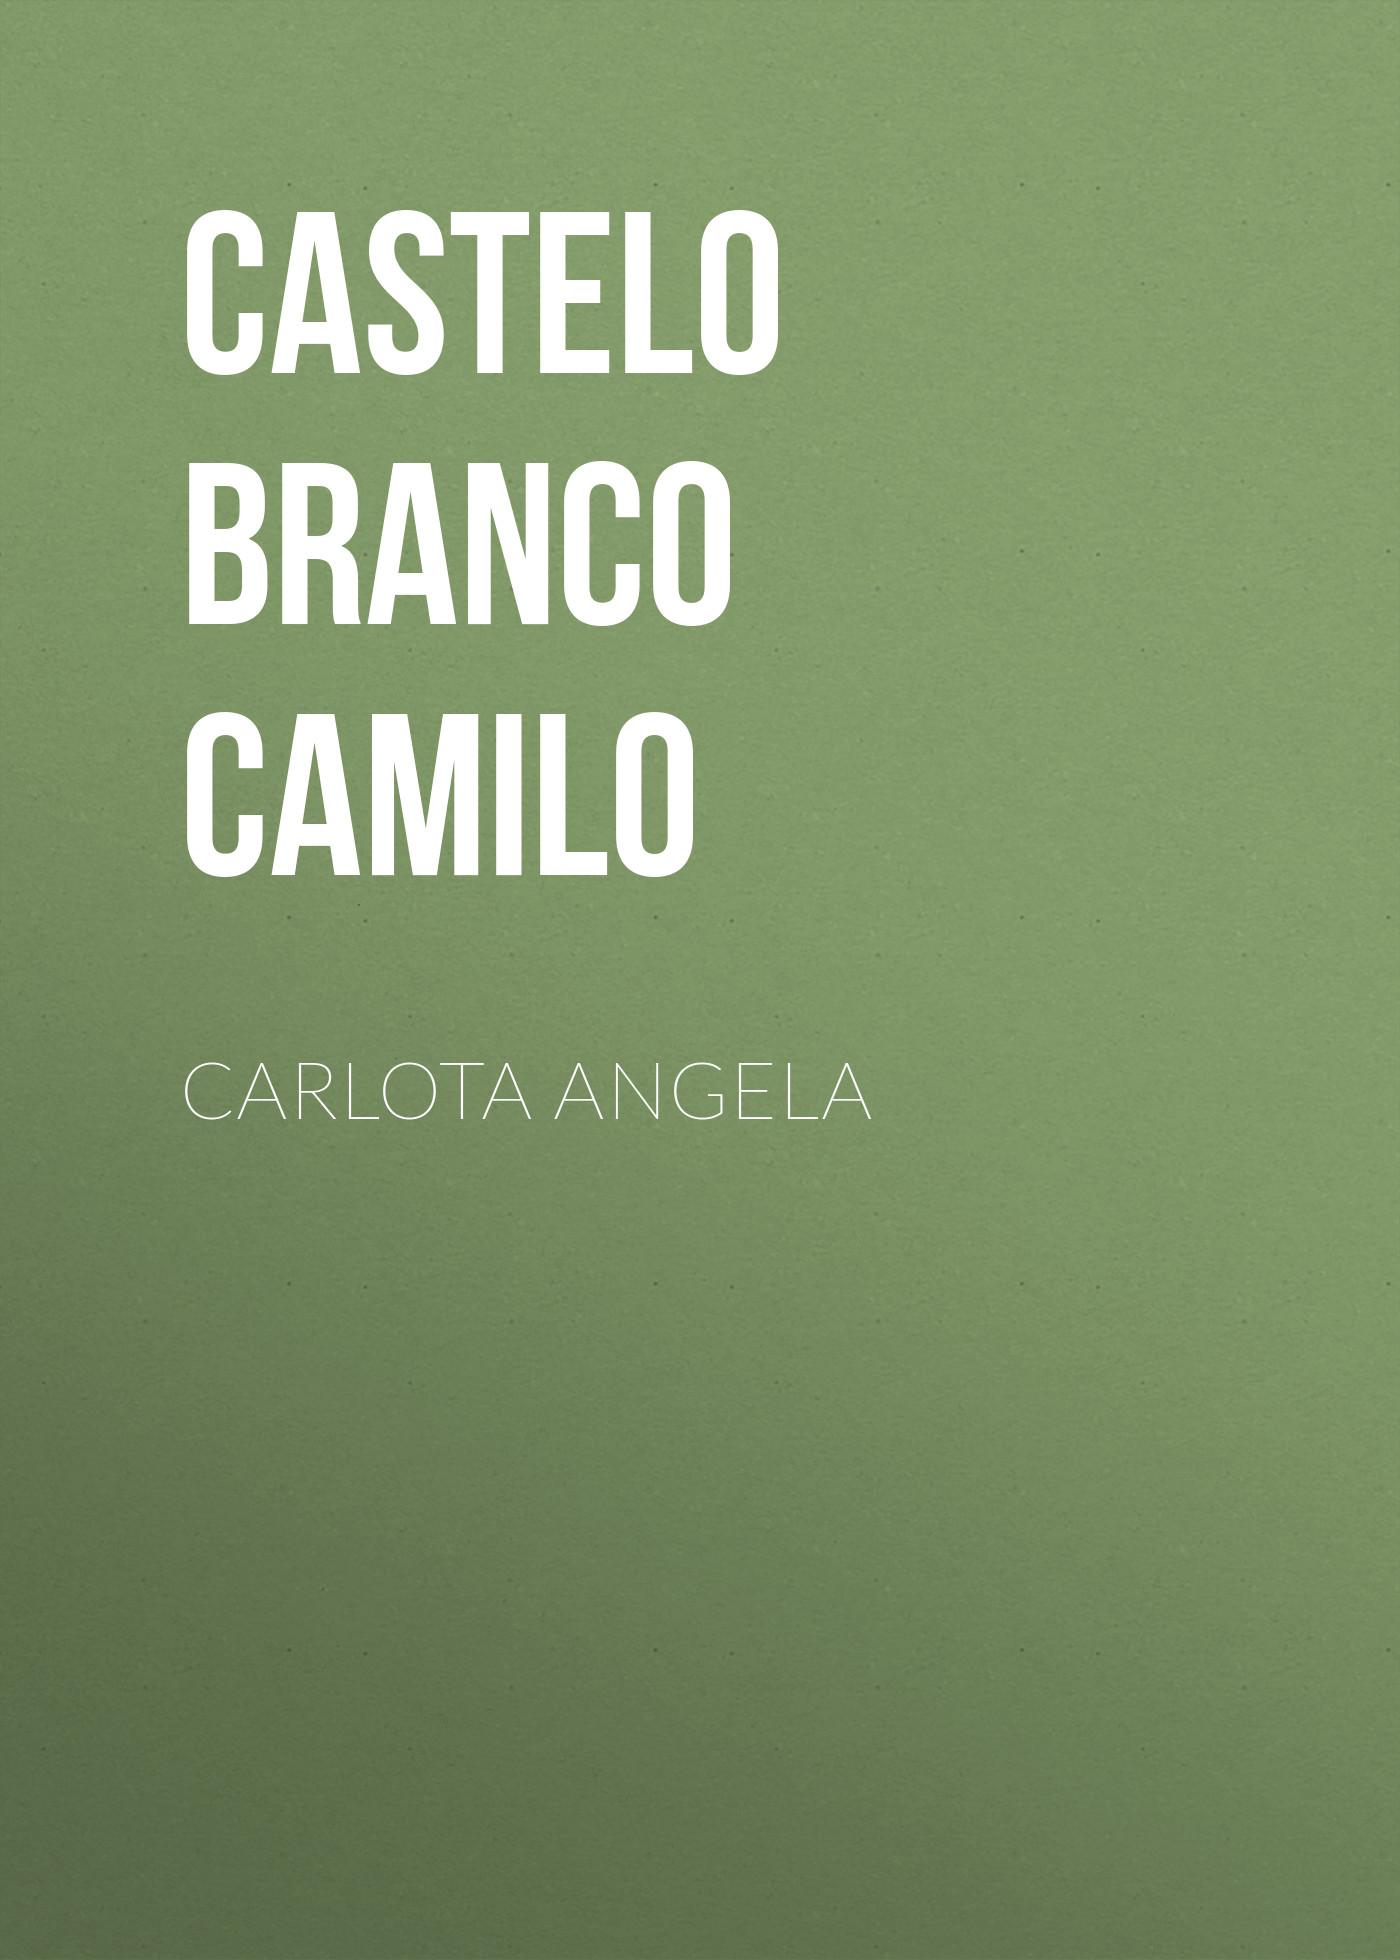 Castelo Branco Camilo Carlota Angela camilo septimo mexico